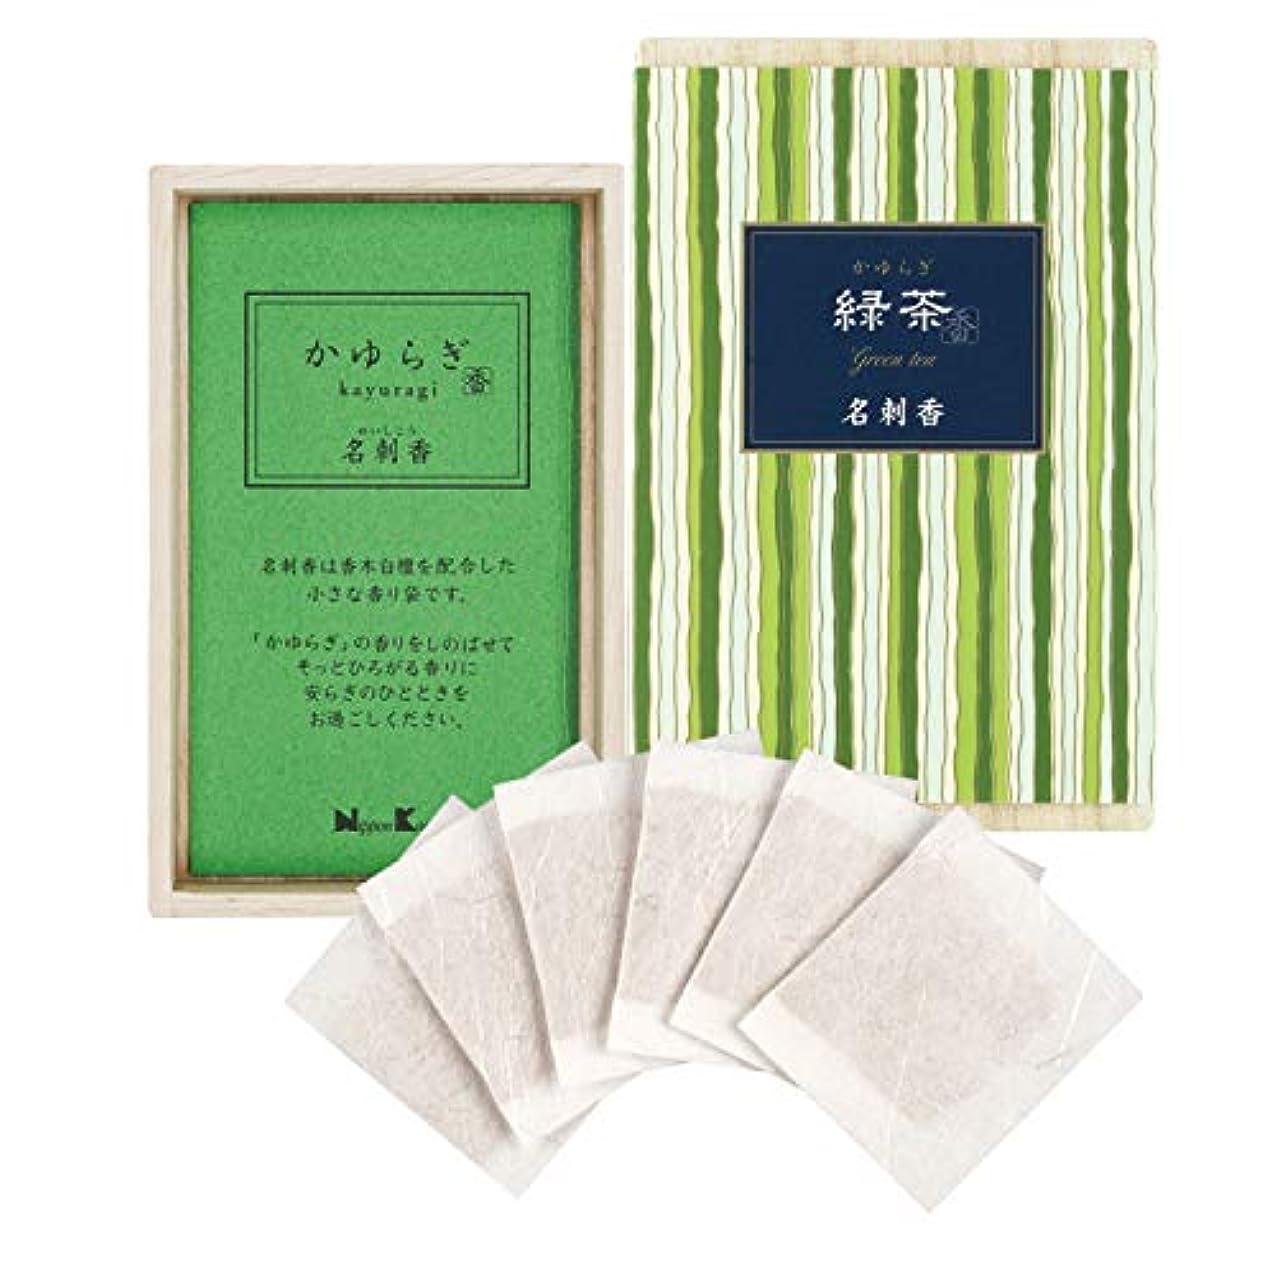 四面体相互接続断言するかゆらぎ 緑茶 名刺香 桐箱 6入